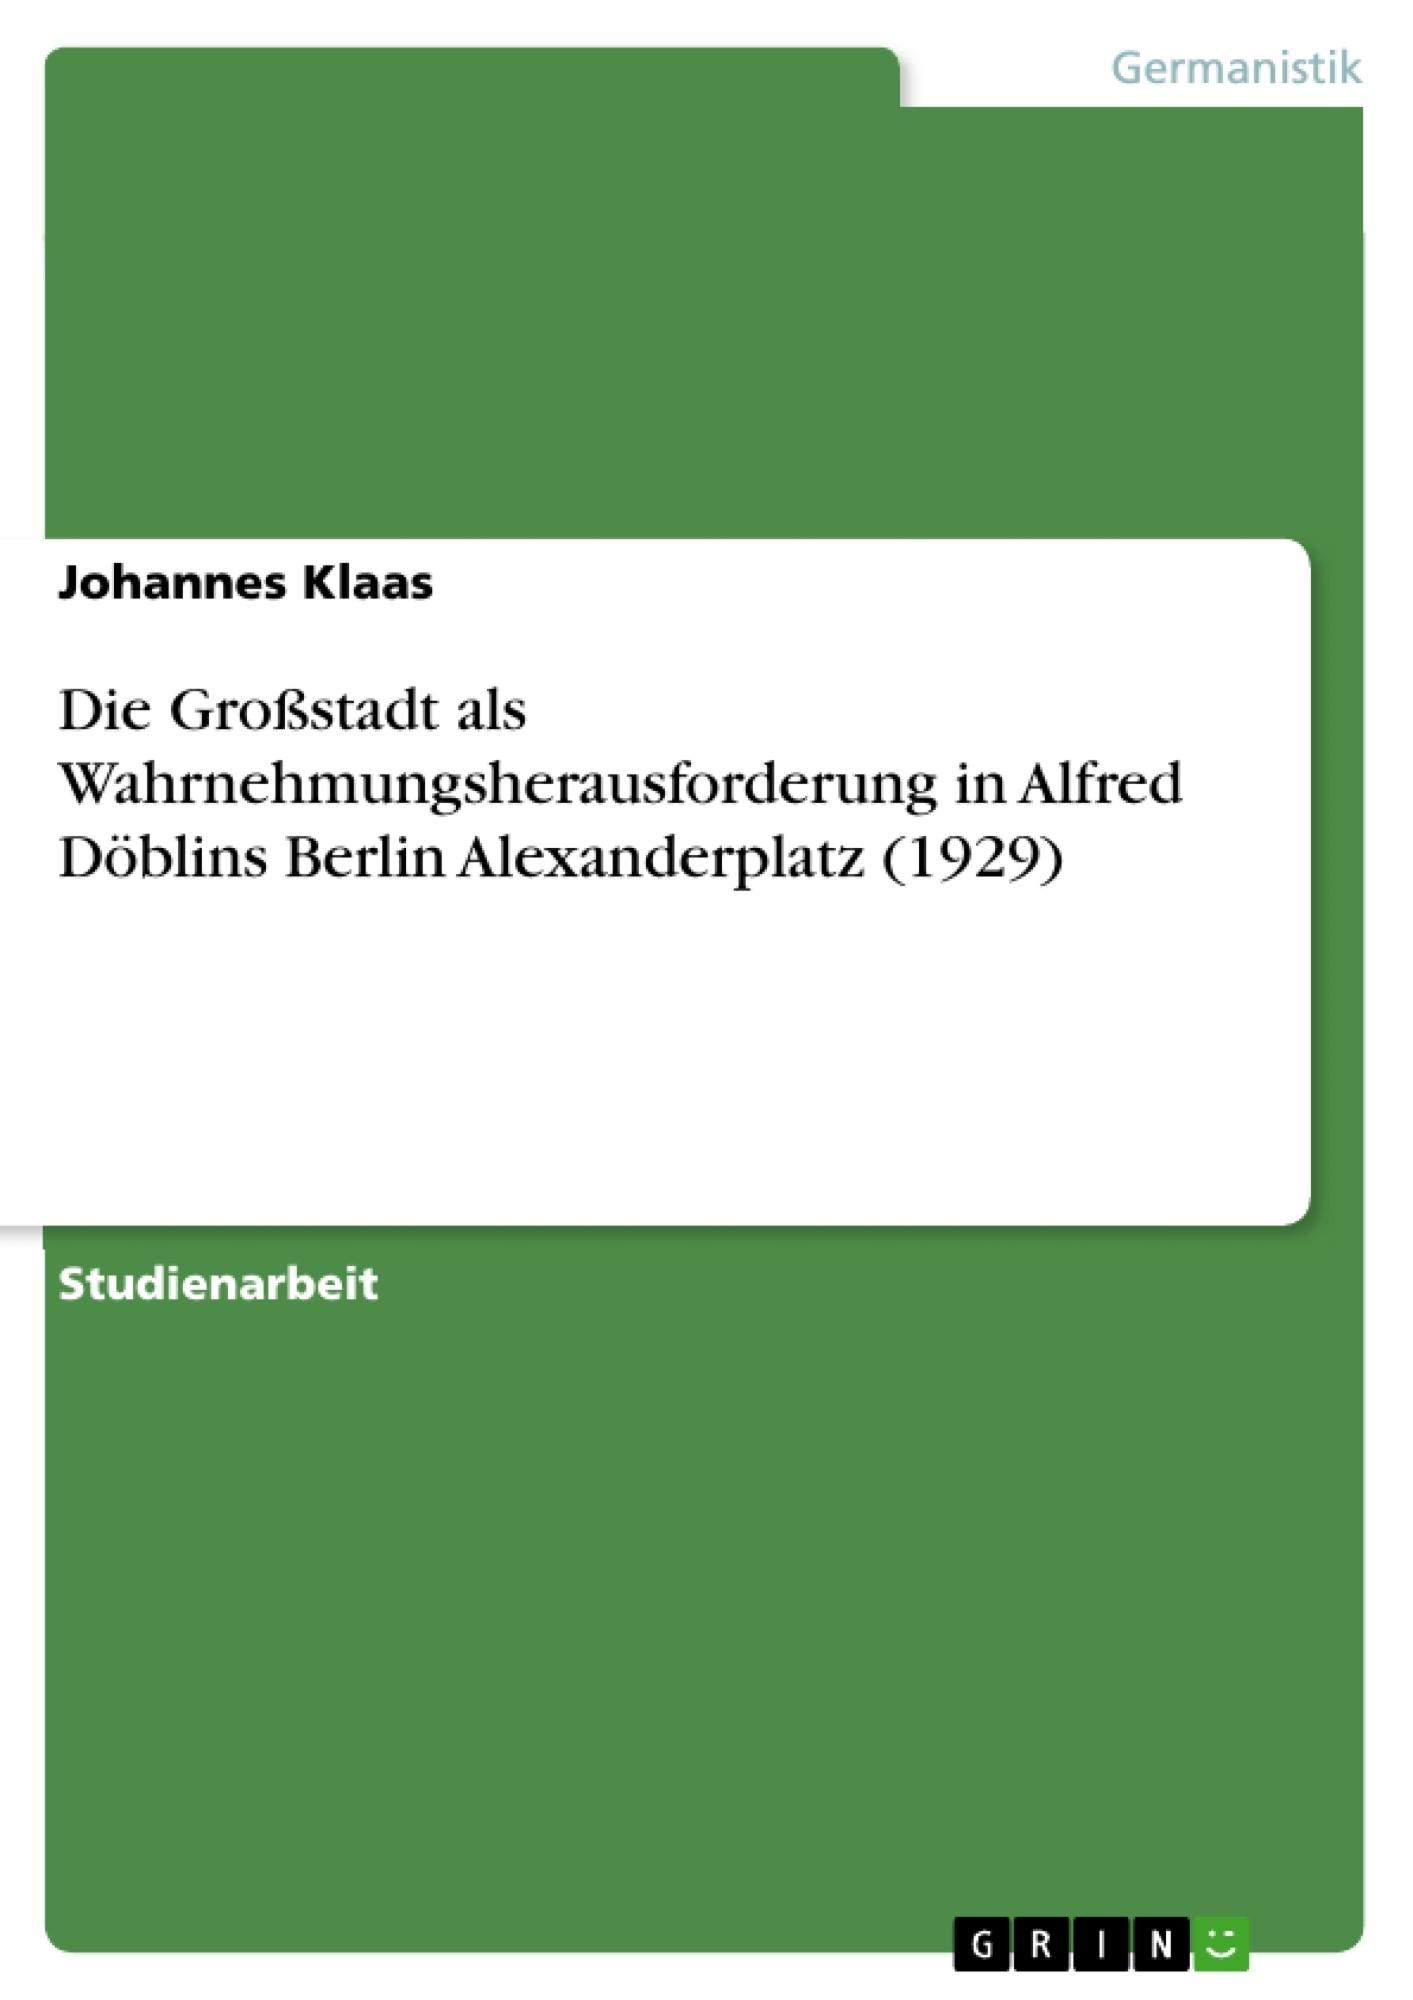 Titel: Die Großstadt als Wahrnehmungsherausforderung in Alfred Döblins Berlin Alexanderplatz (1929)